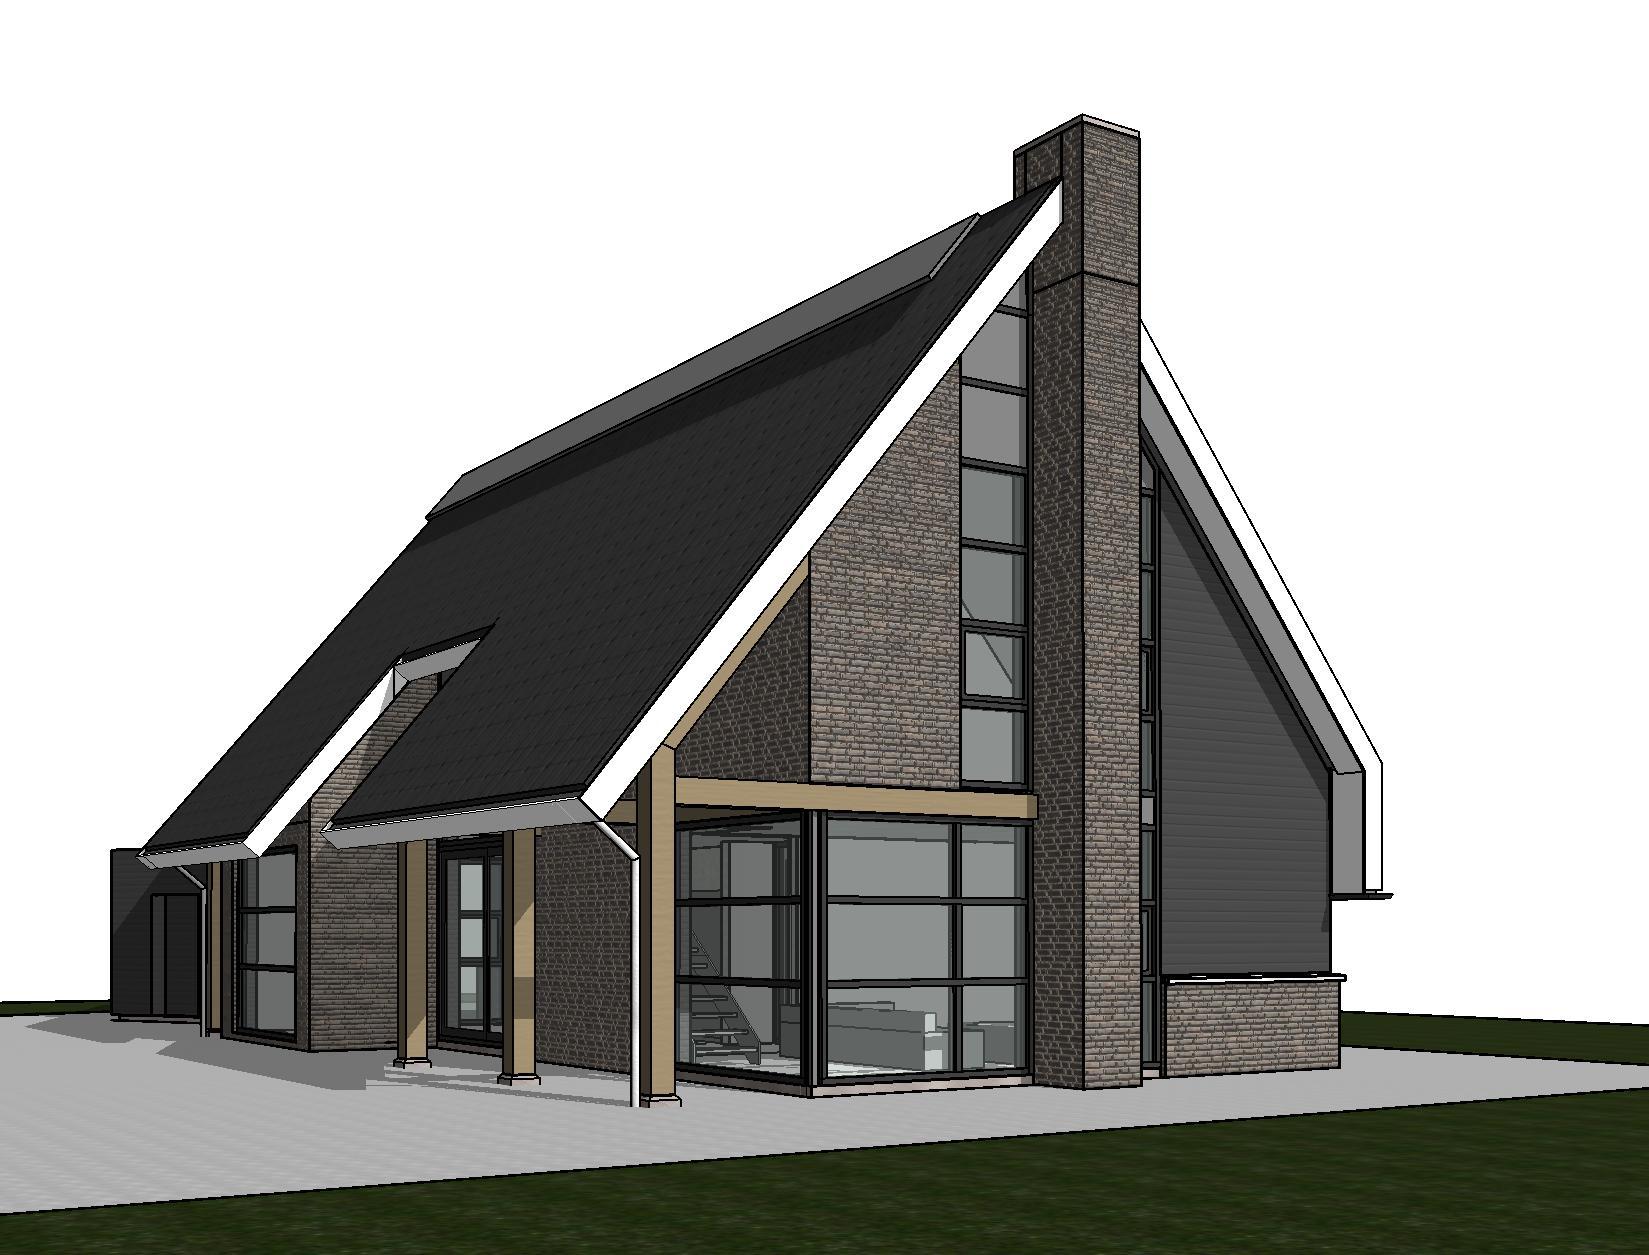 Strakke schuurwoning in boazum schuurwoning nico for Nieuwe woning bouwen